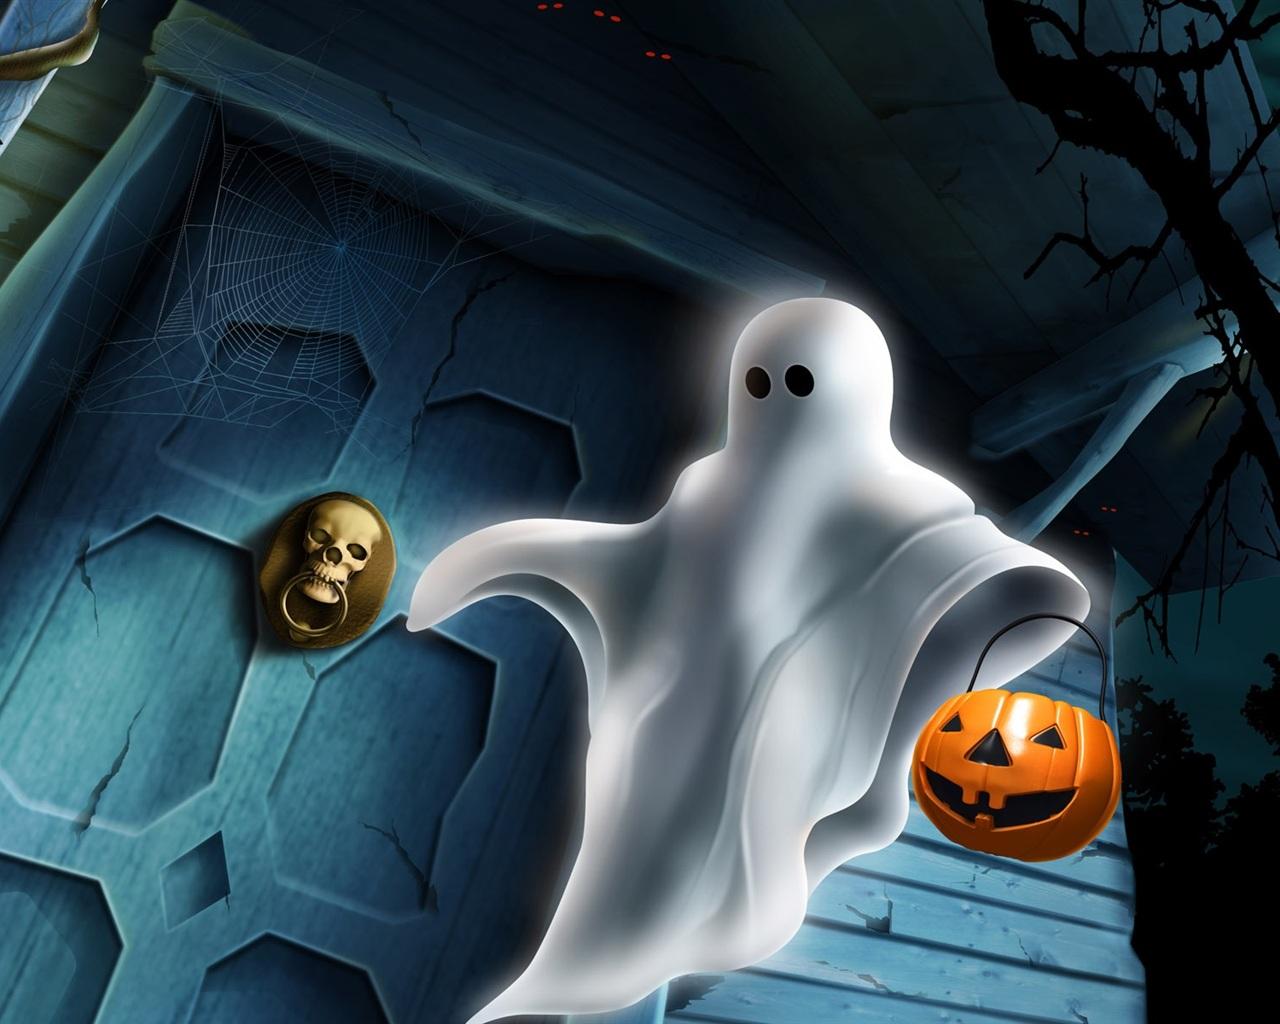 萬聖節 白色幽靈 壁紙 - 1280x1024